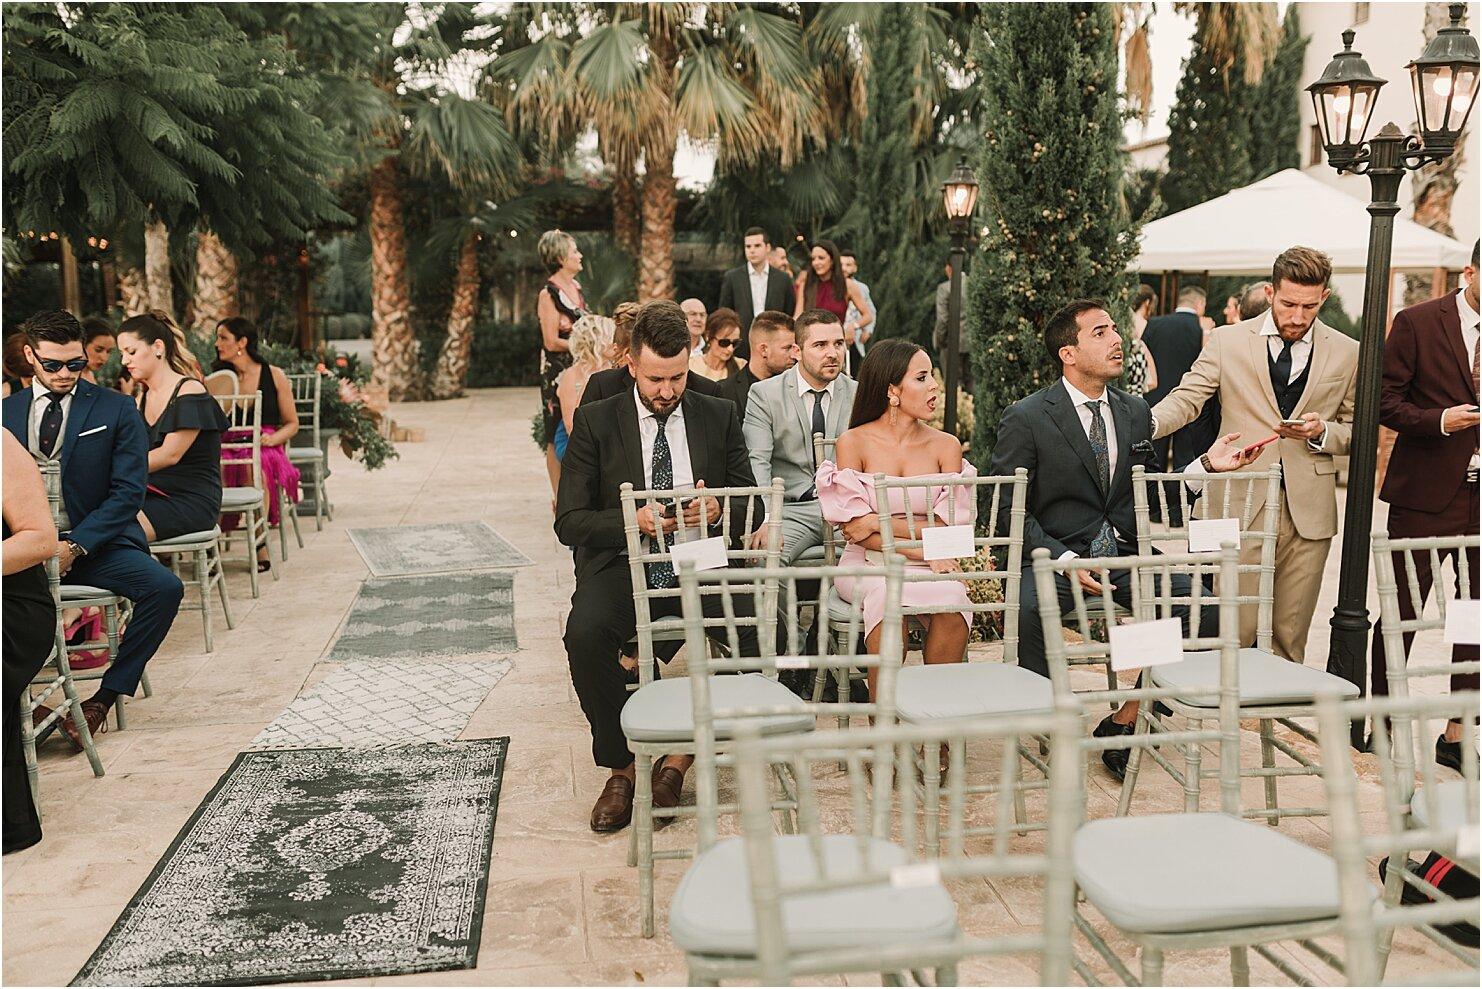 boda-romantica-boda-boho-vestido-de-novia-laura-lomas5.jpg